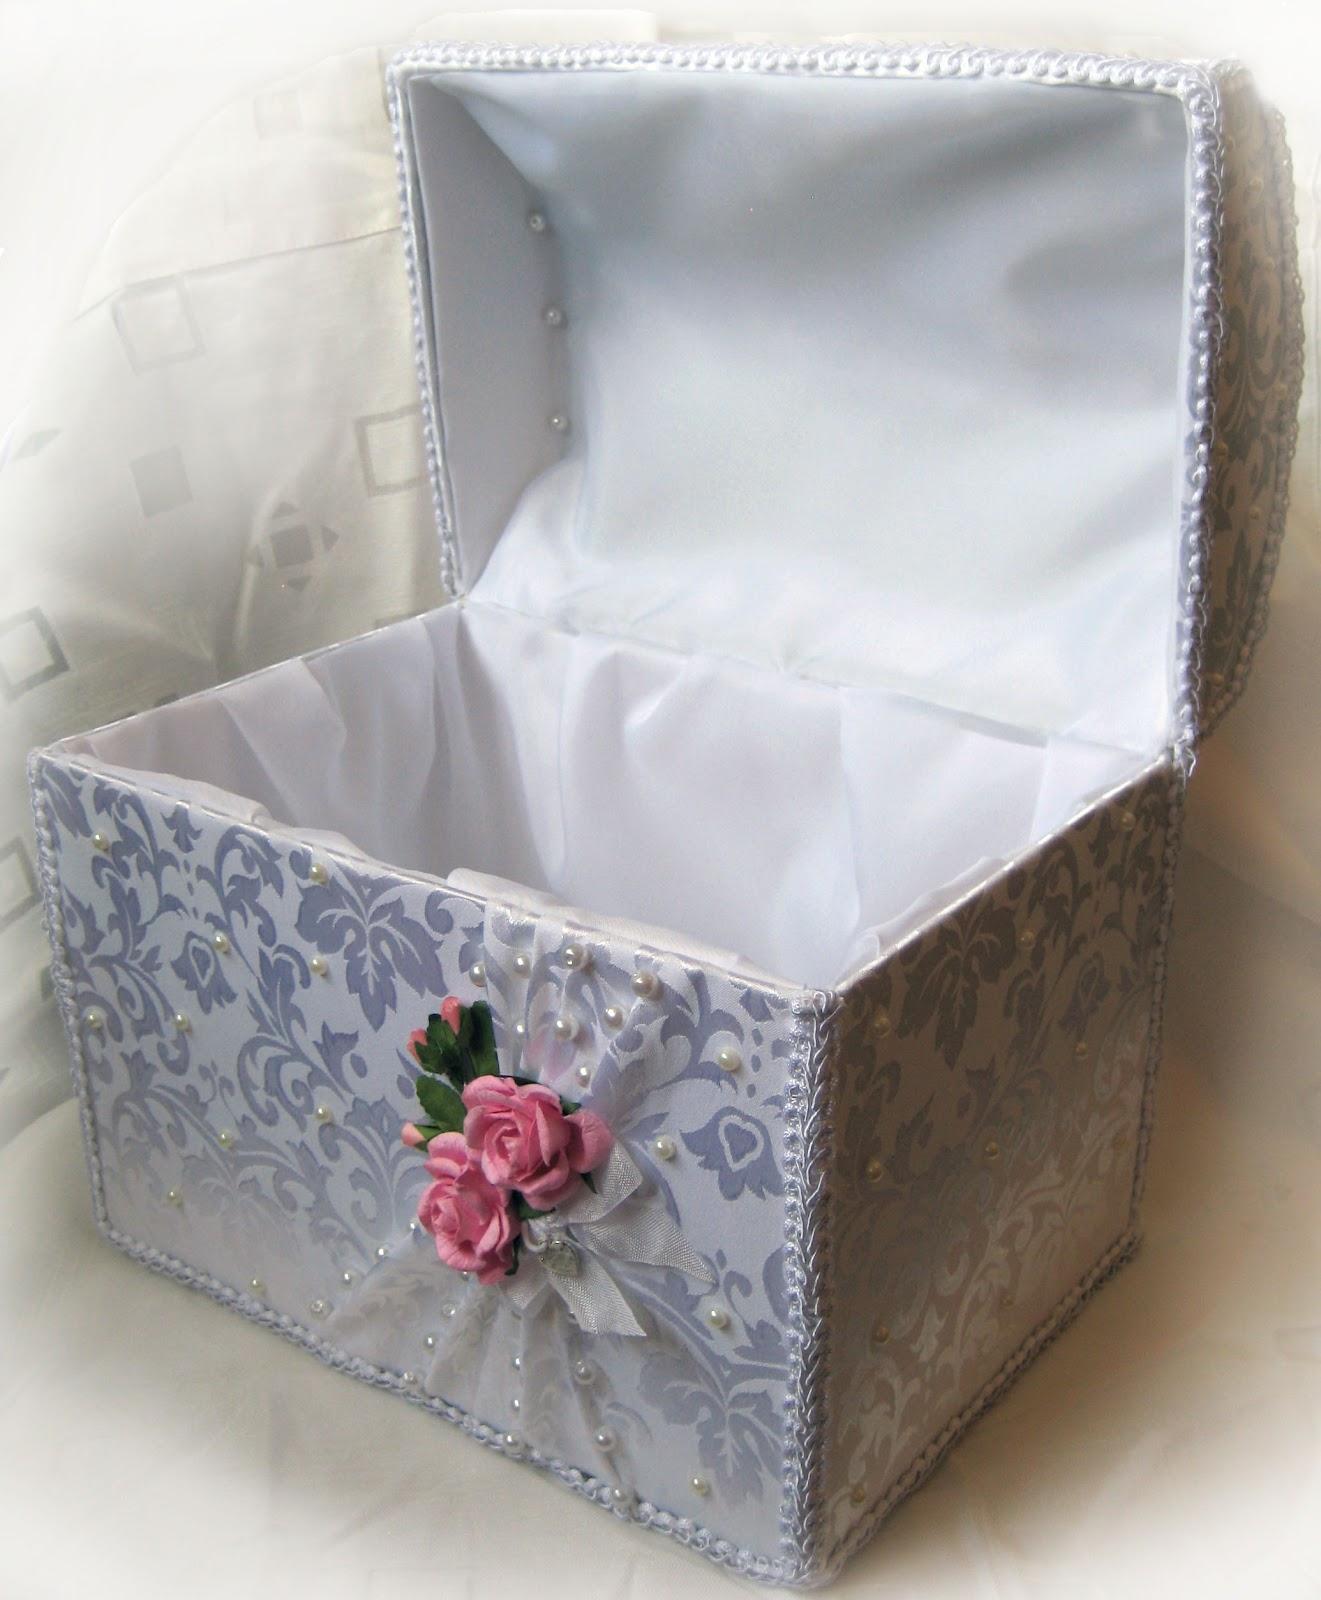 Поделка бабушке из бумаги